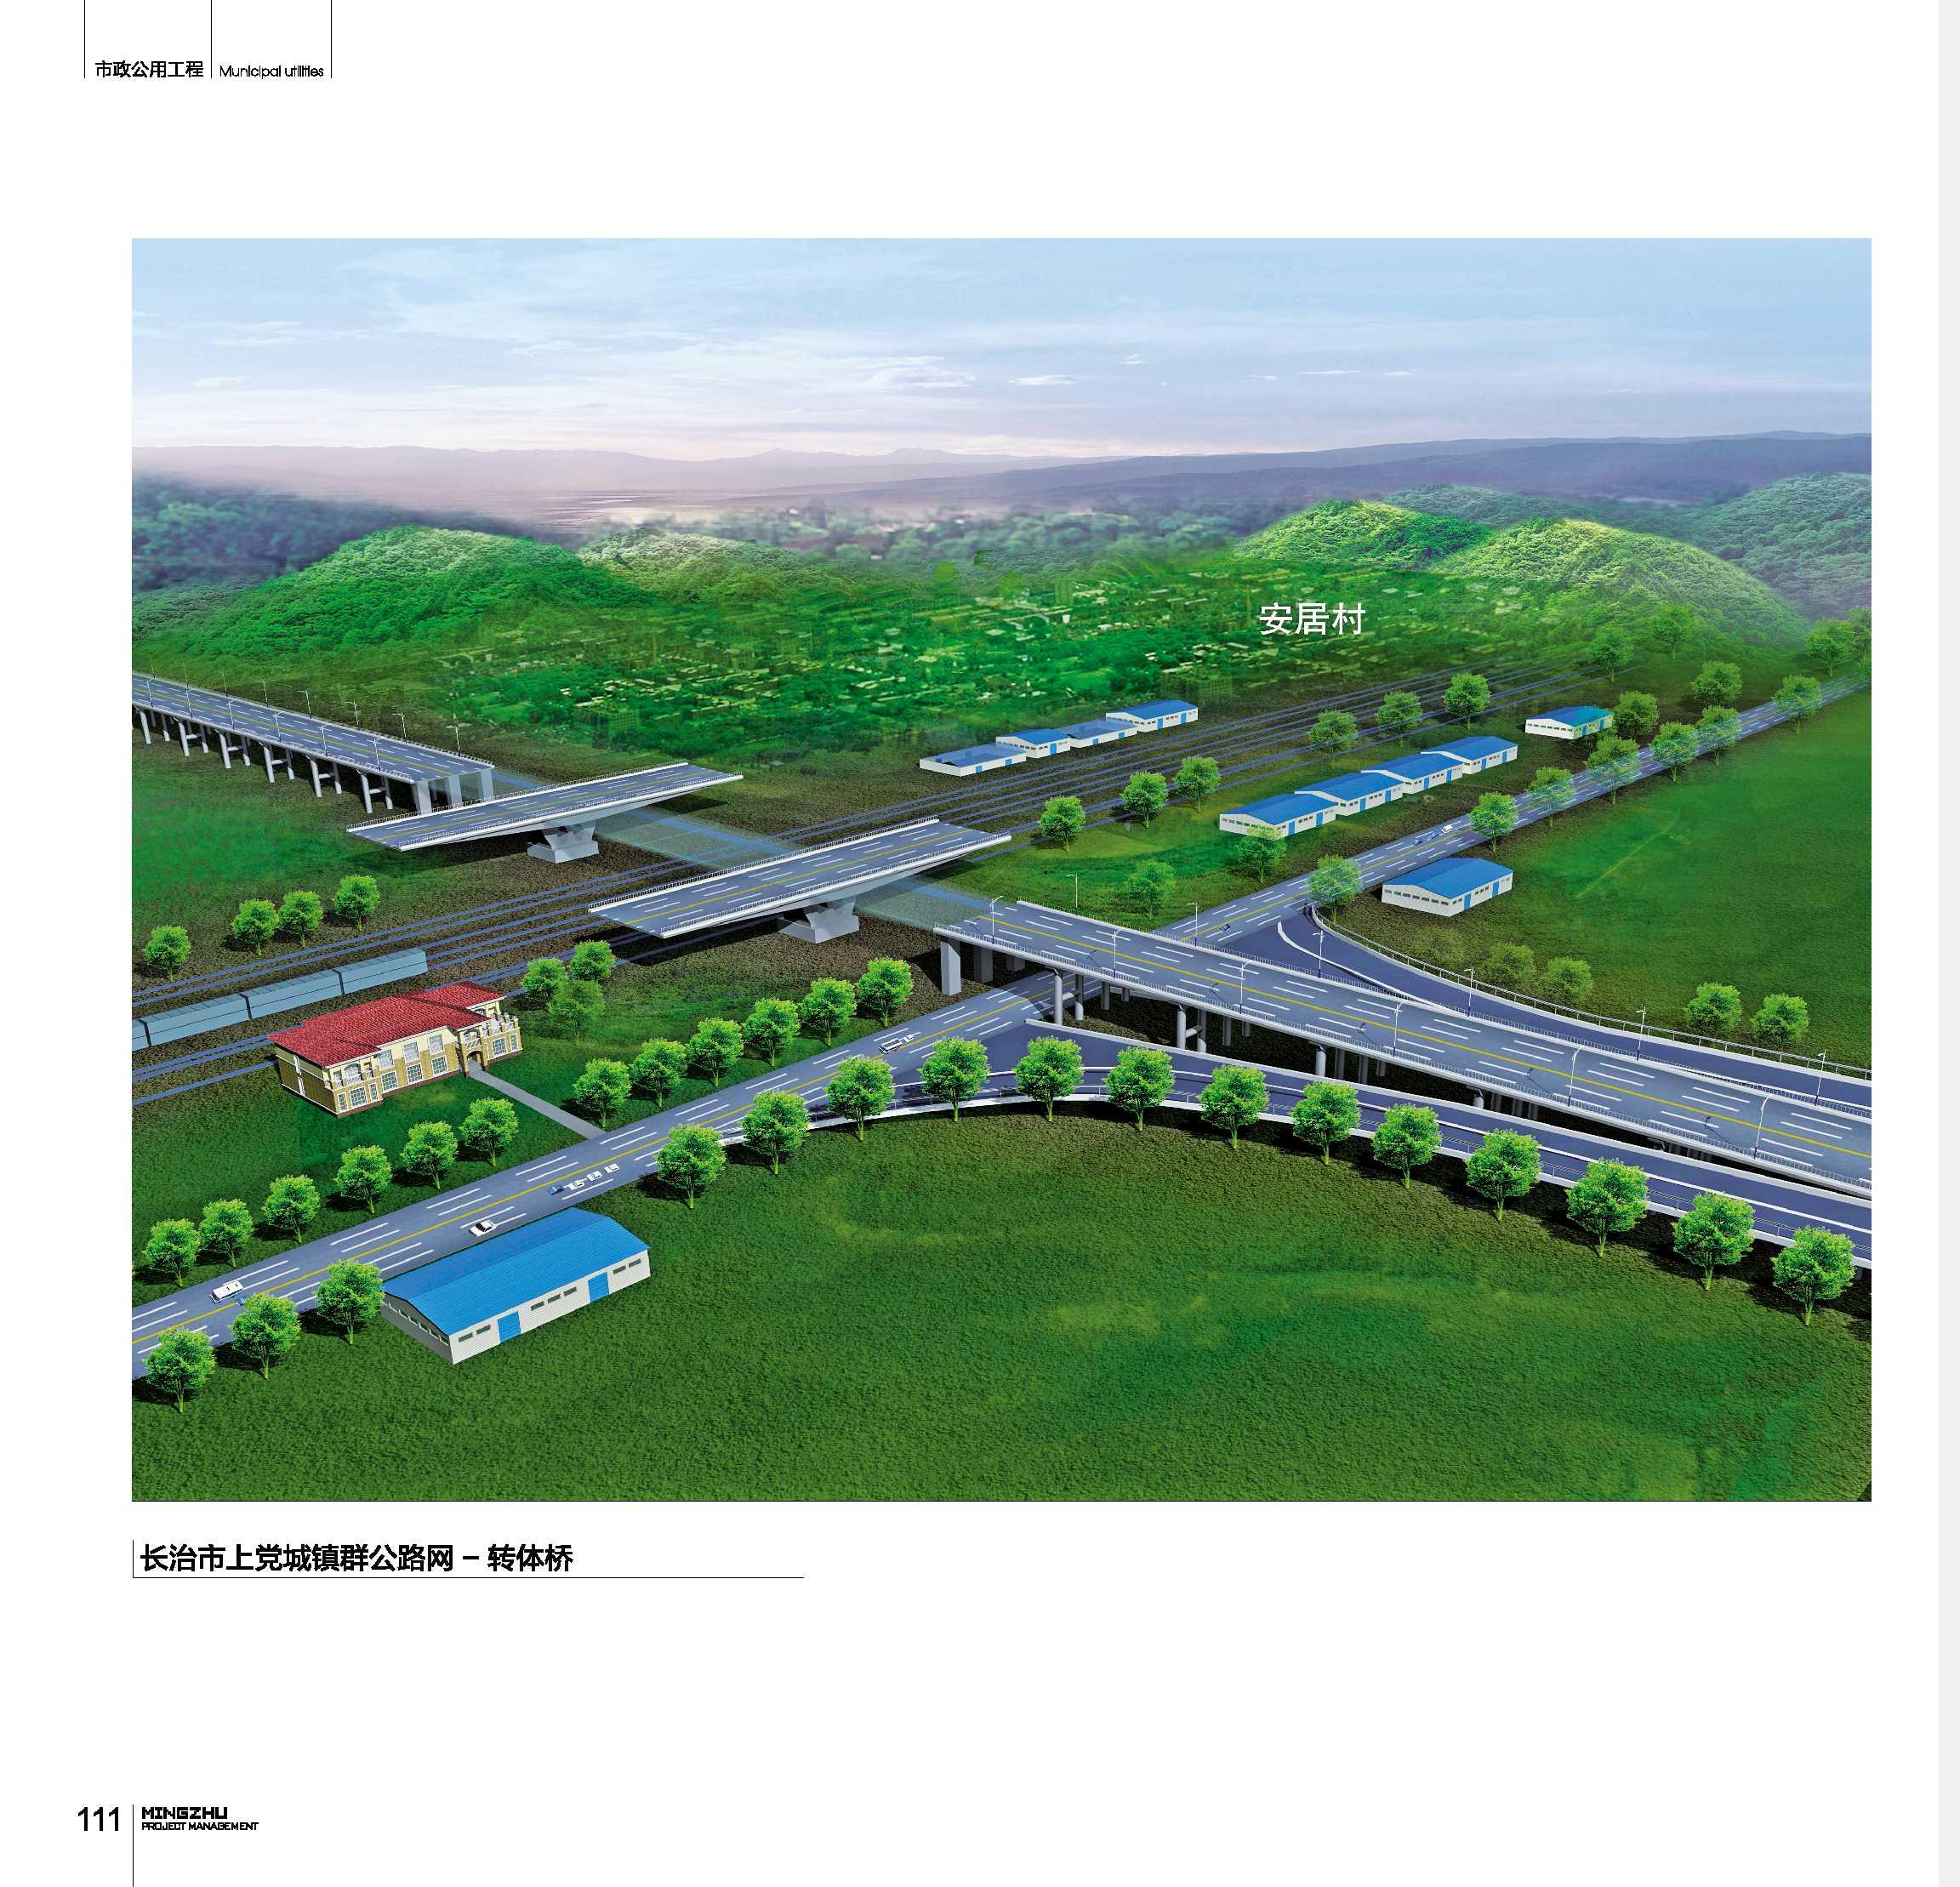 长治市上党城镇群公路网-转体桥